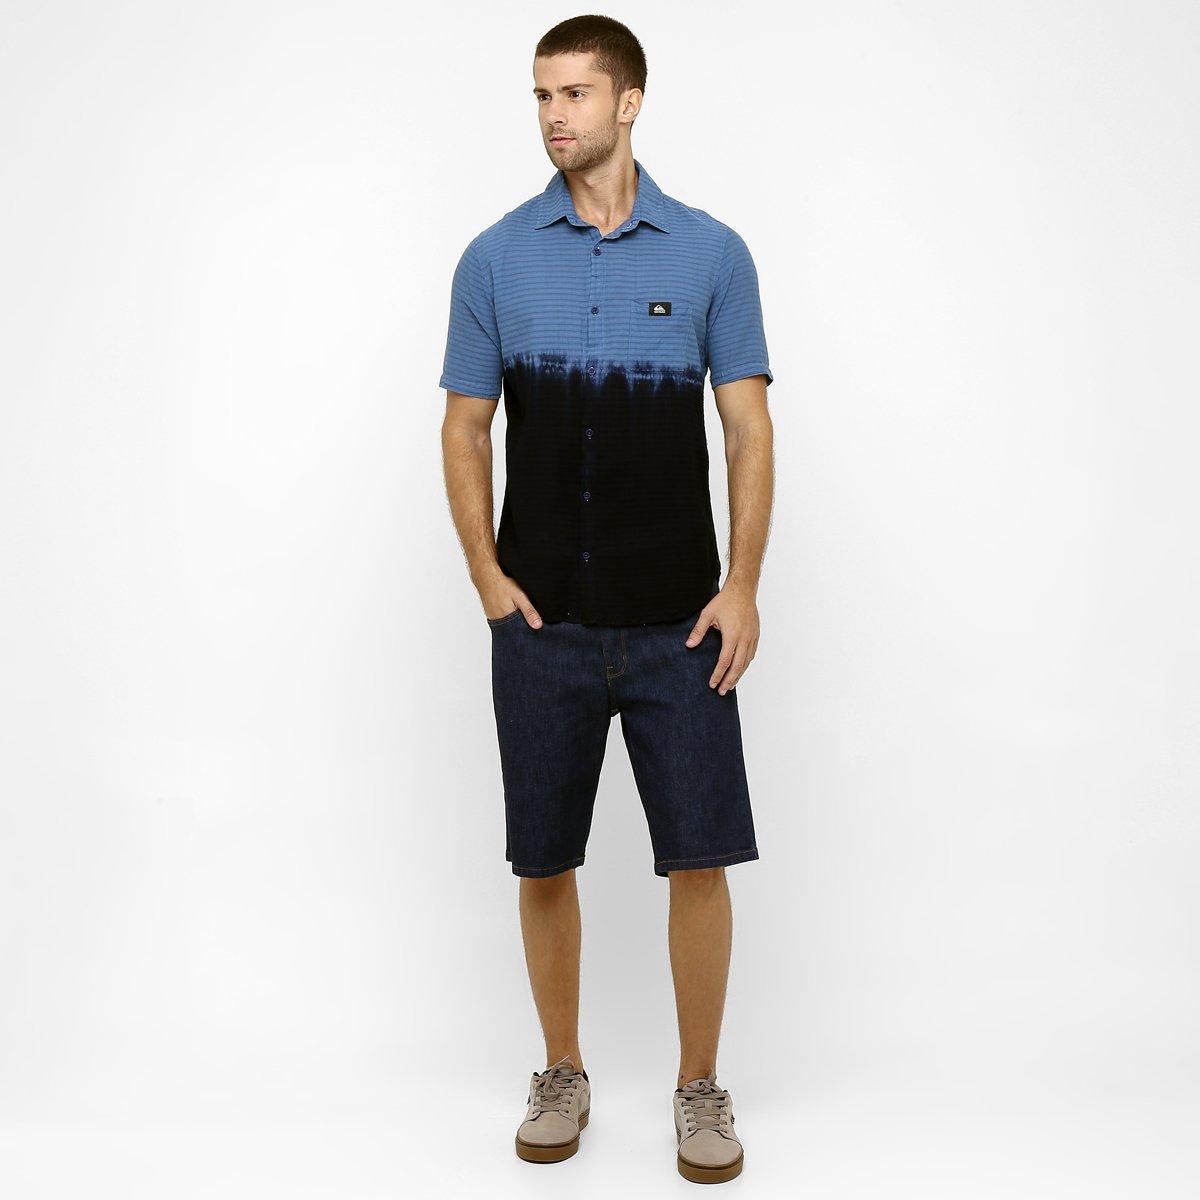 f80a6acd8f3eb ... Camisa Quiksilver Malibu - Compre Agora 7e06e08dbb6ea ...